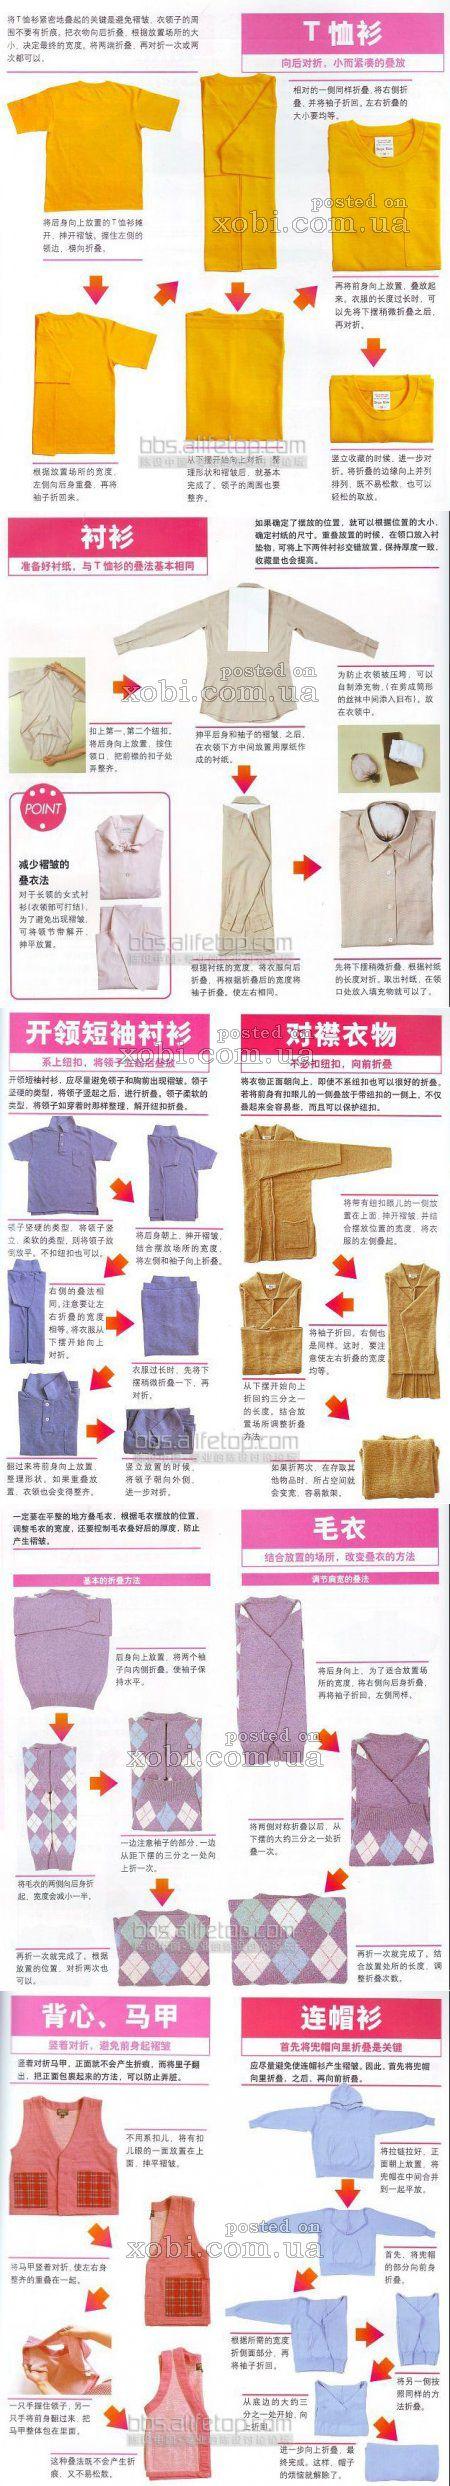 Как складывать джинсы правильно